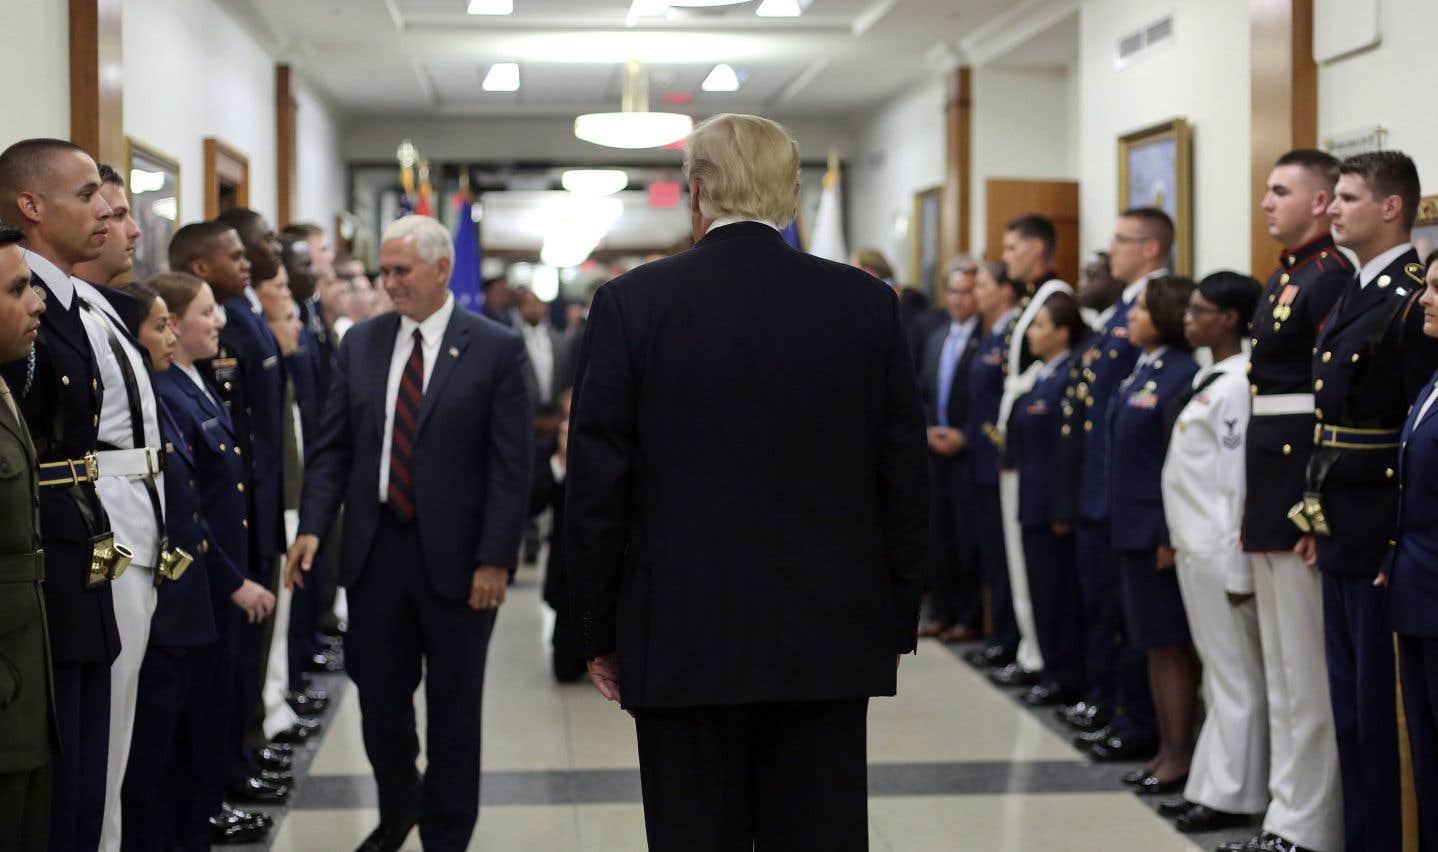 Le président Donald Trump et le vice-président Mike Pence saluent des membres du personnel militaire lors de leur visite au Pentagone, en juillet dernier.